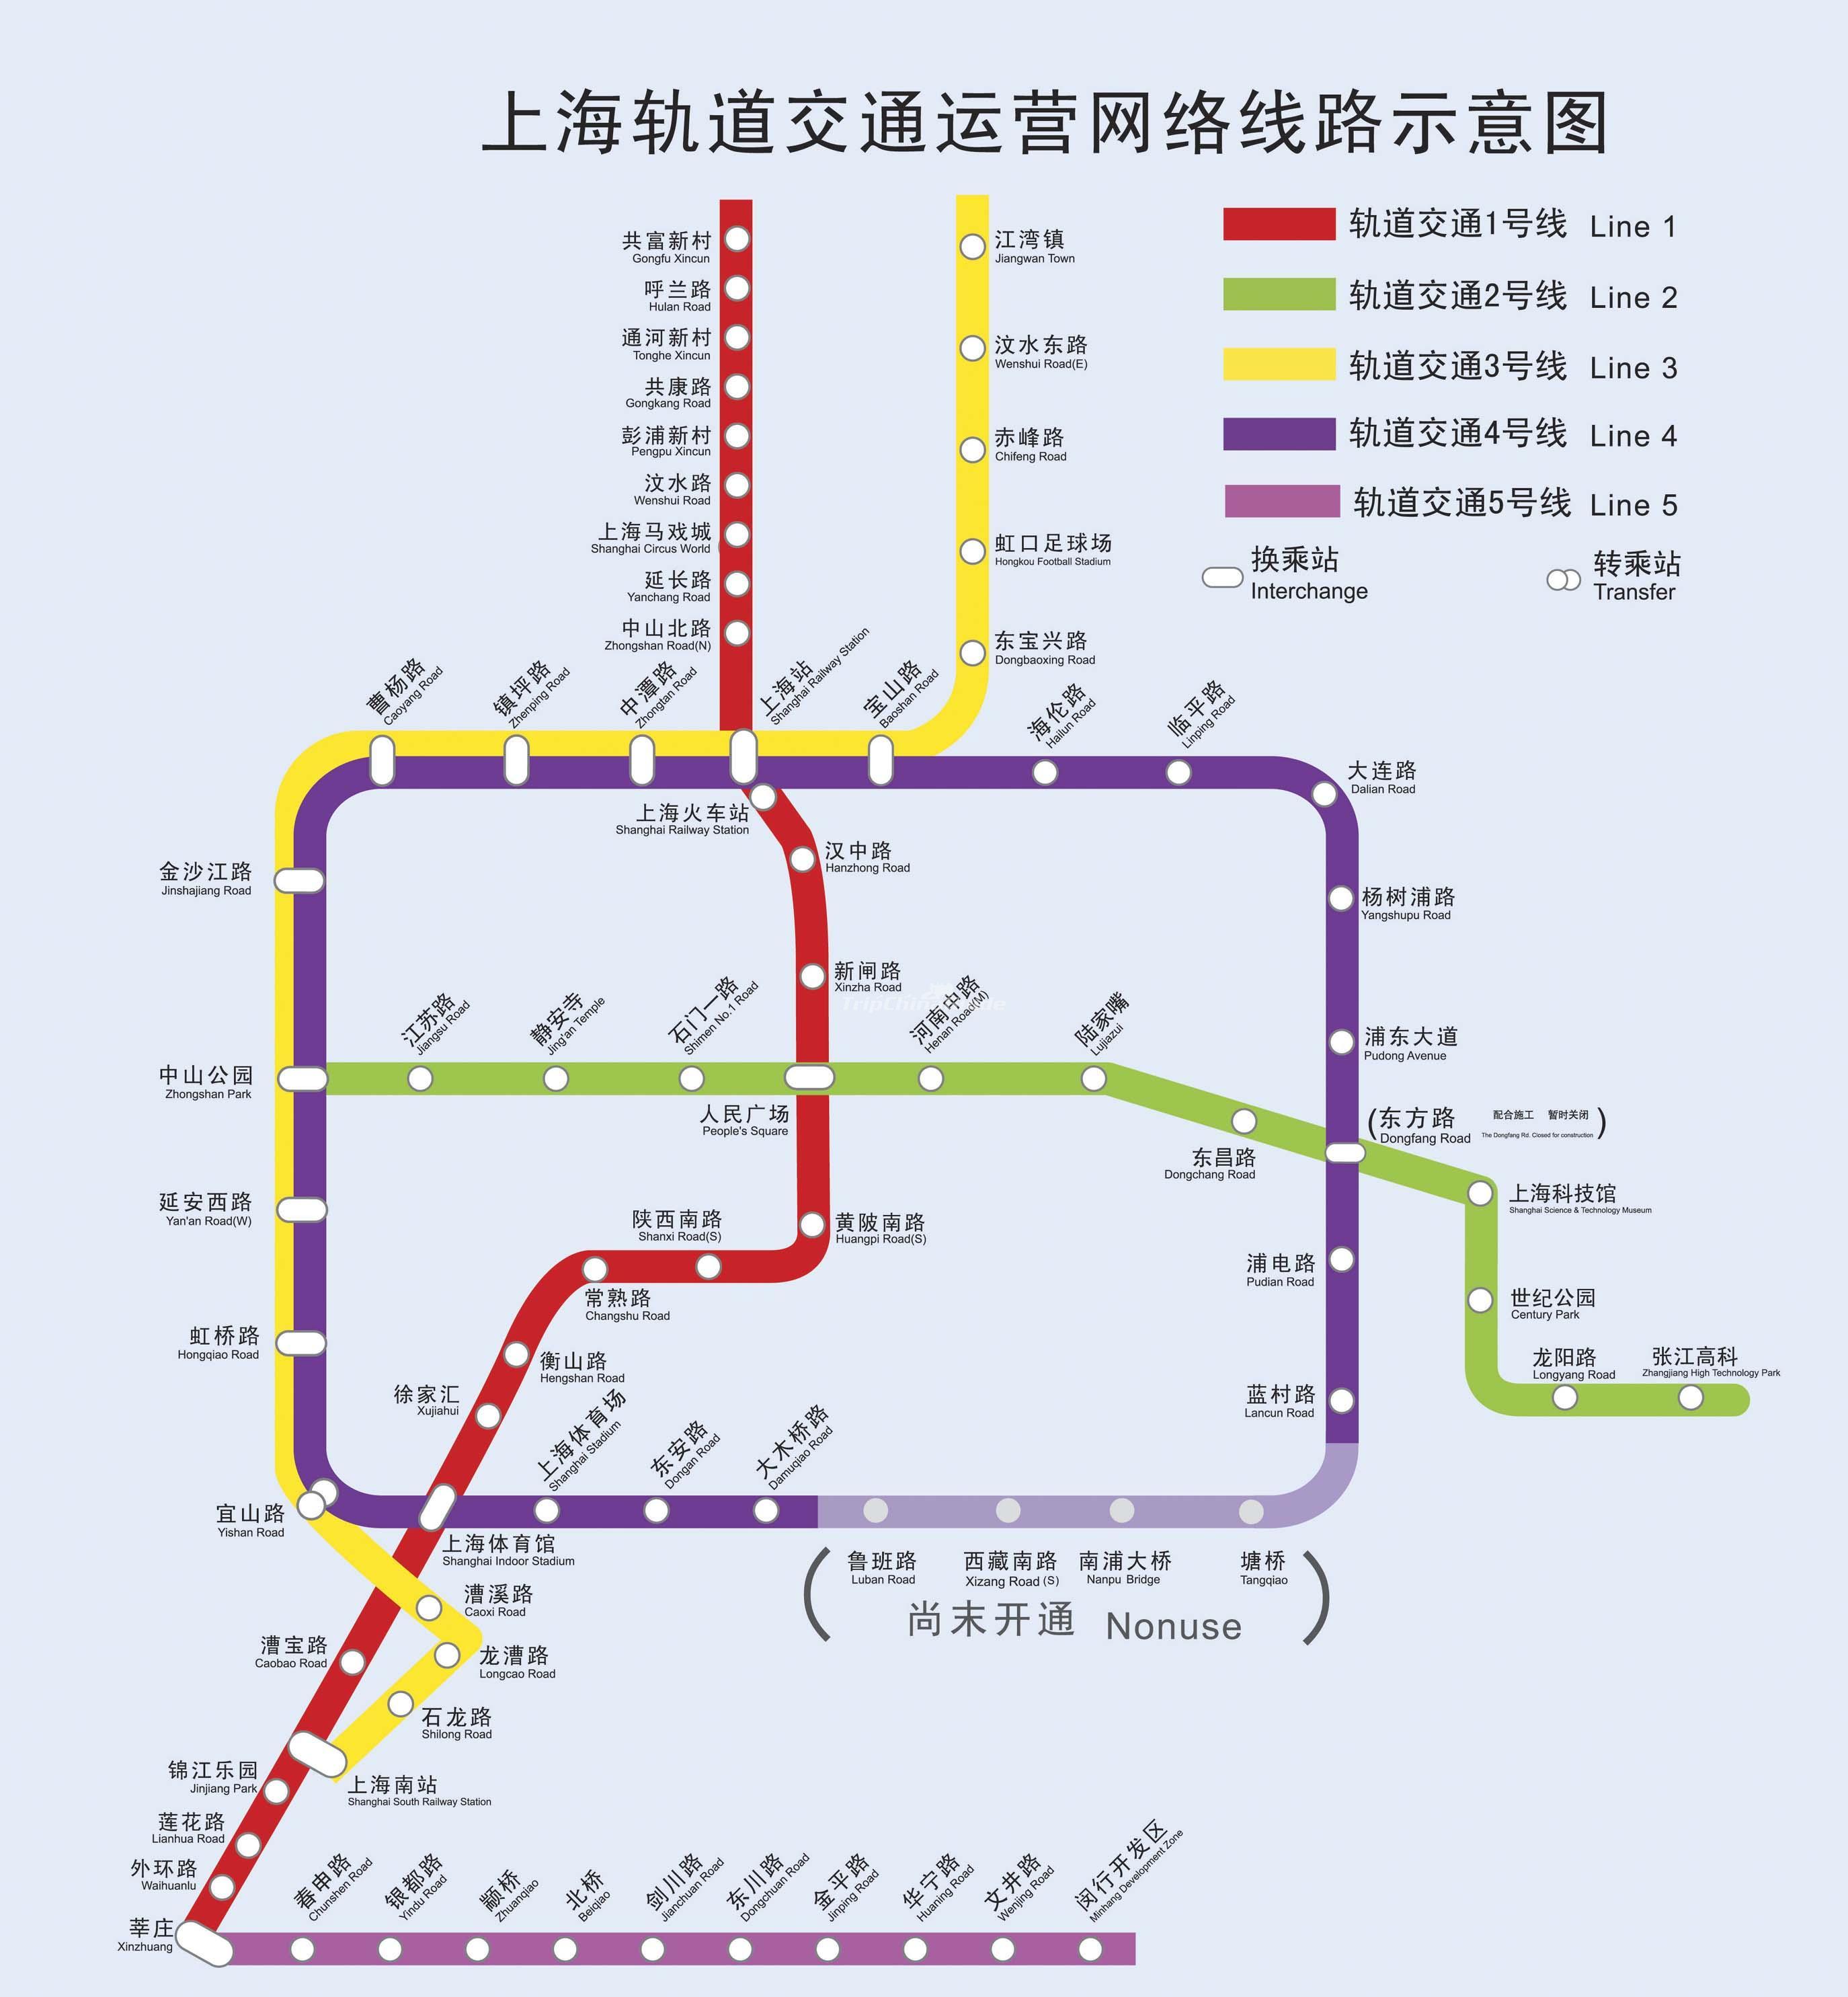 Subway Map In Shanghai.Shanghai Subway Map Maps Of Shanghai